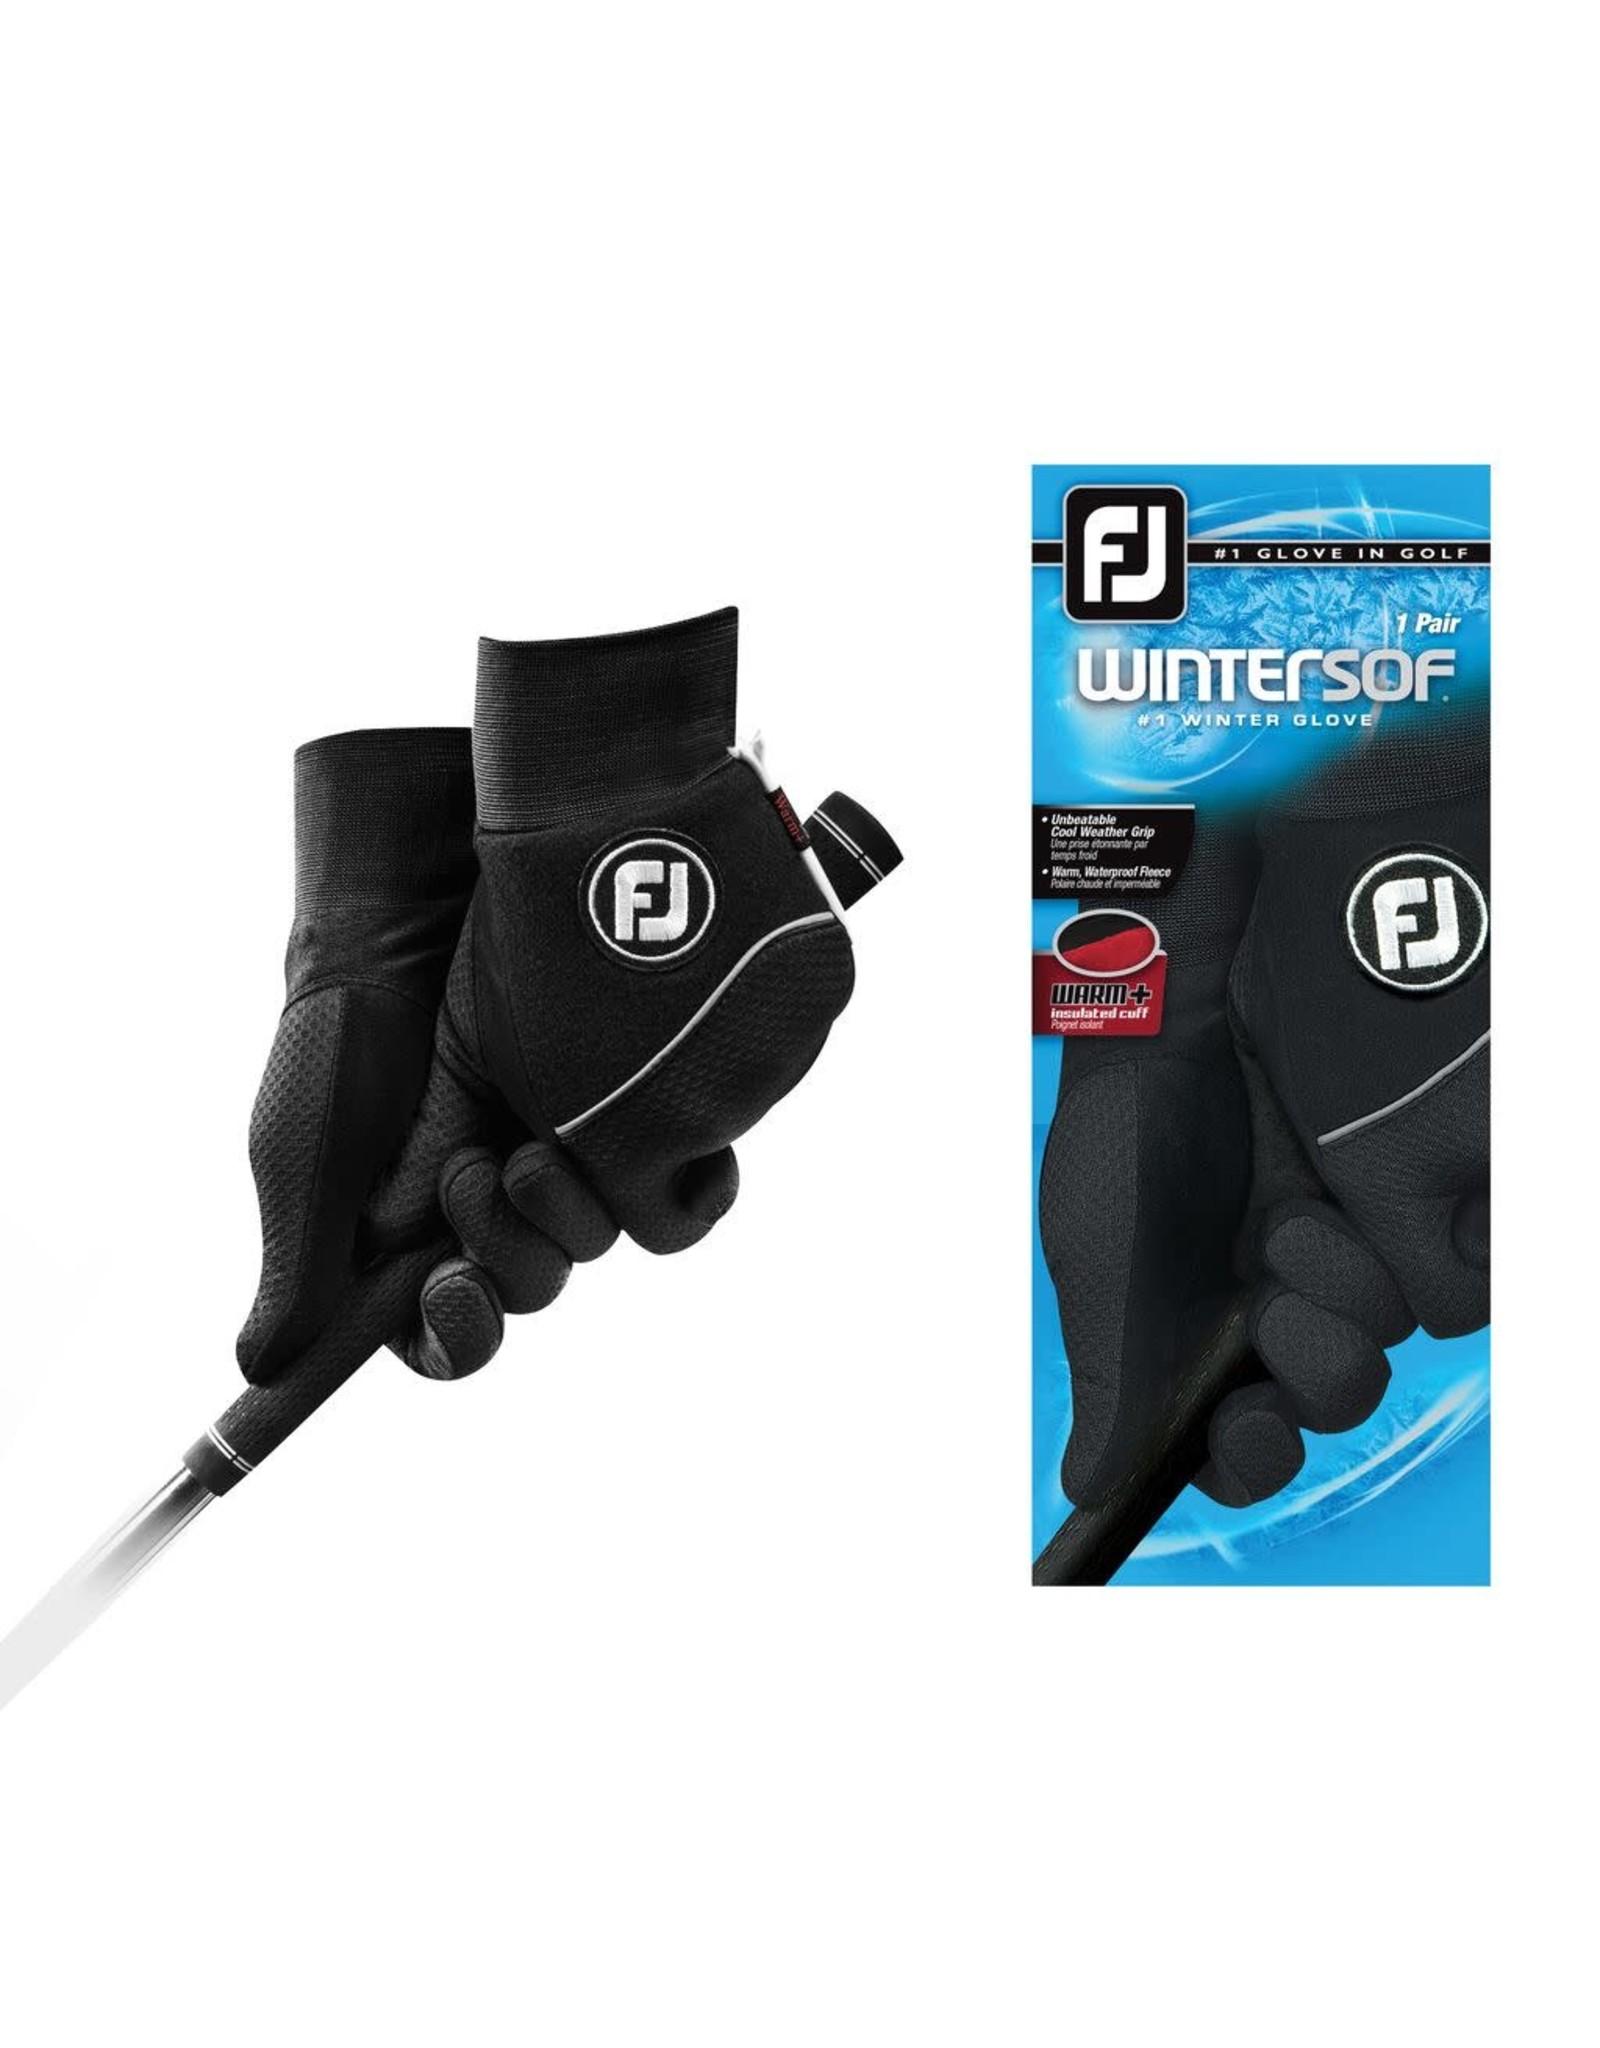 FJ FJ WinterSof Gloves